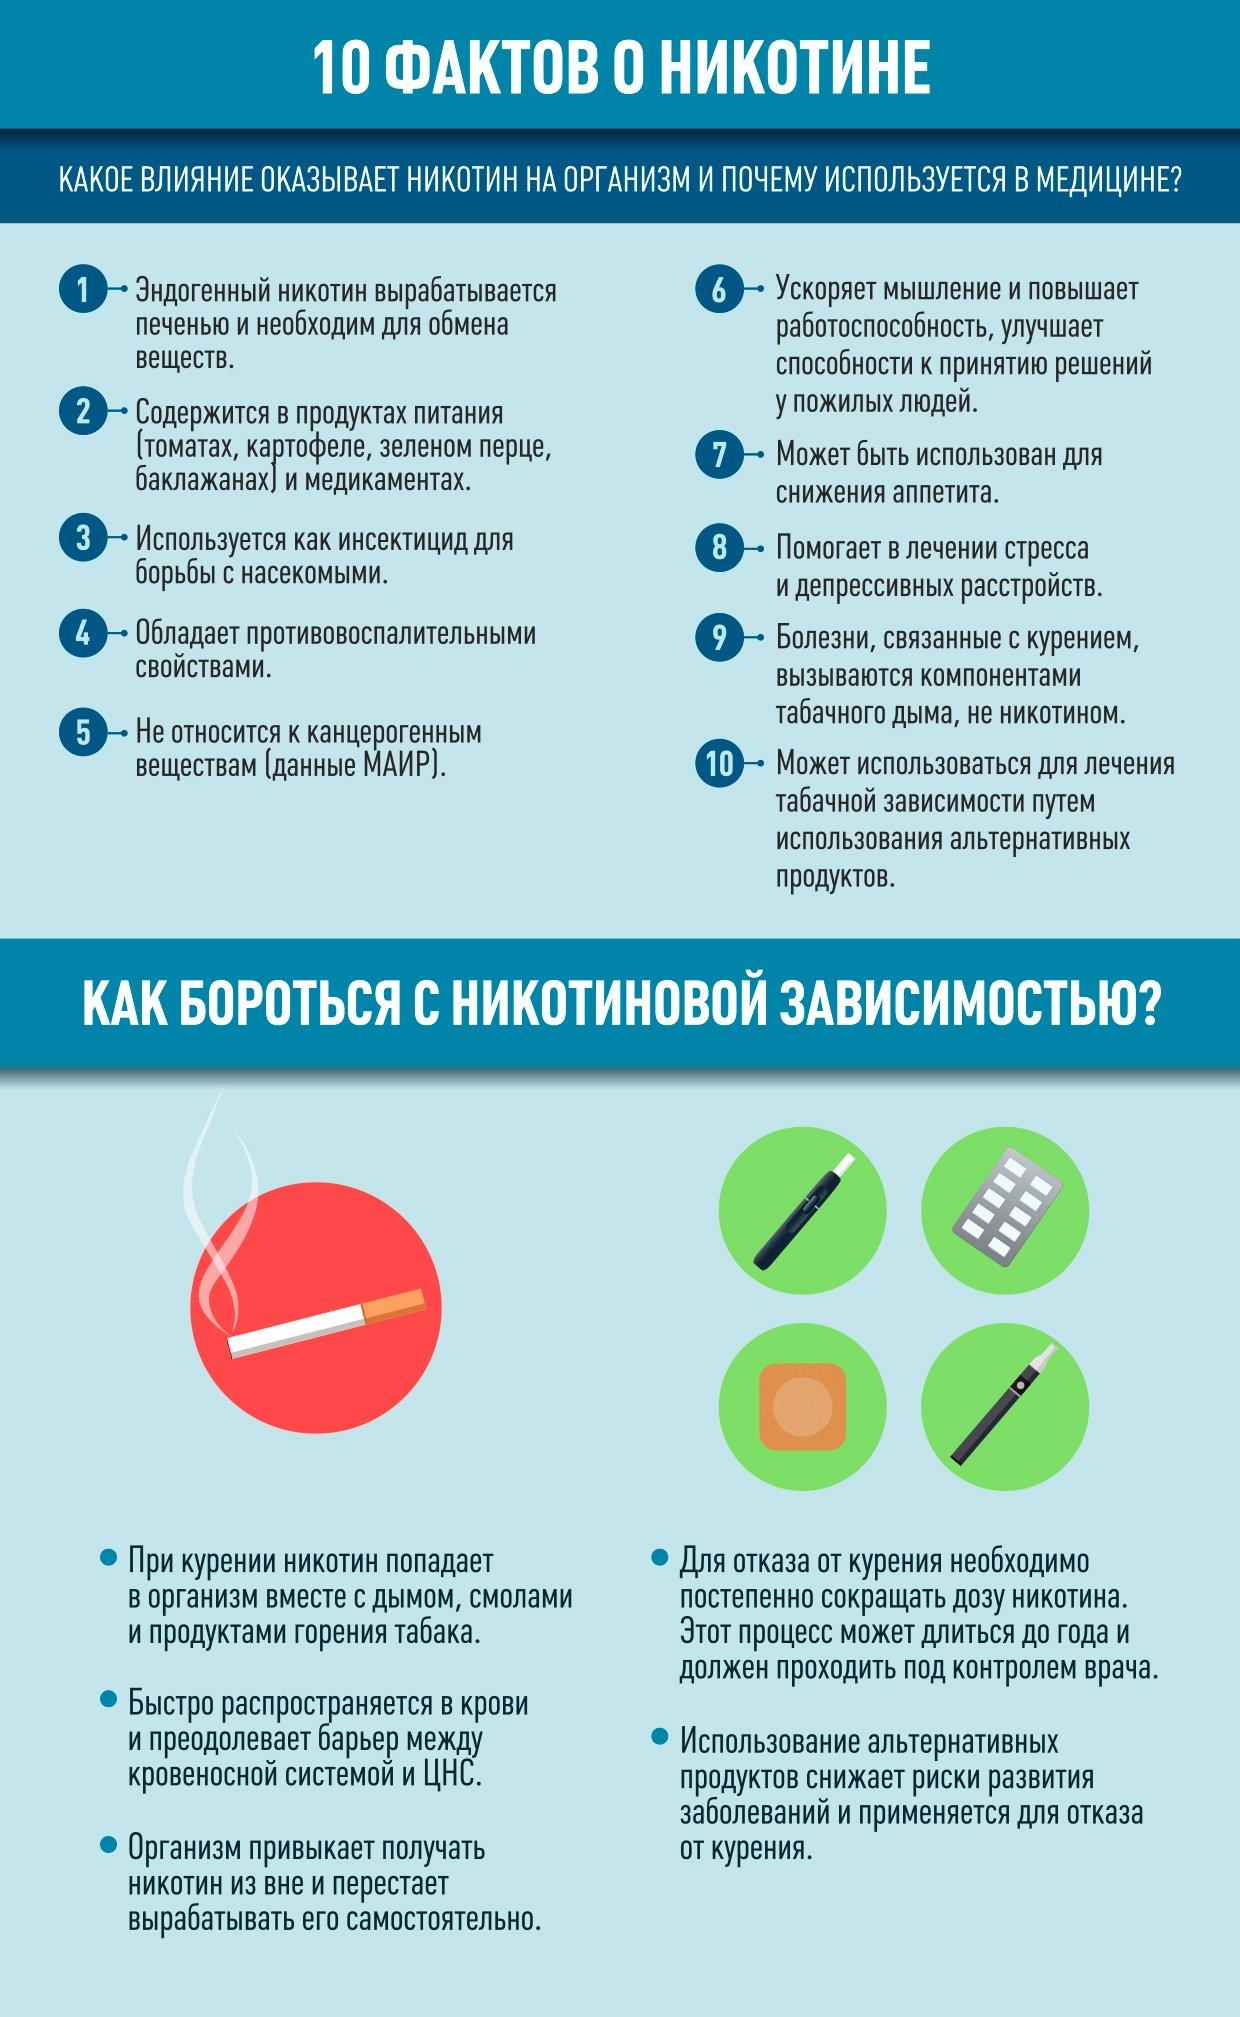 Никотин: польза и вред, способы употребления и дозировка